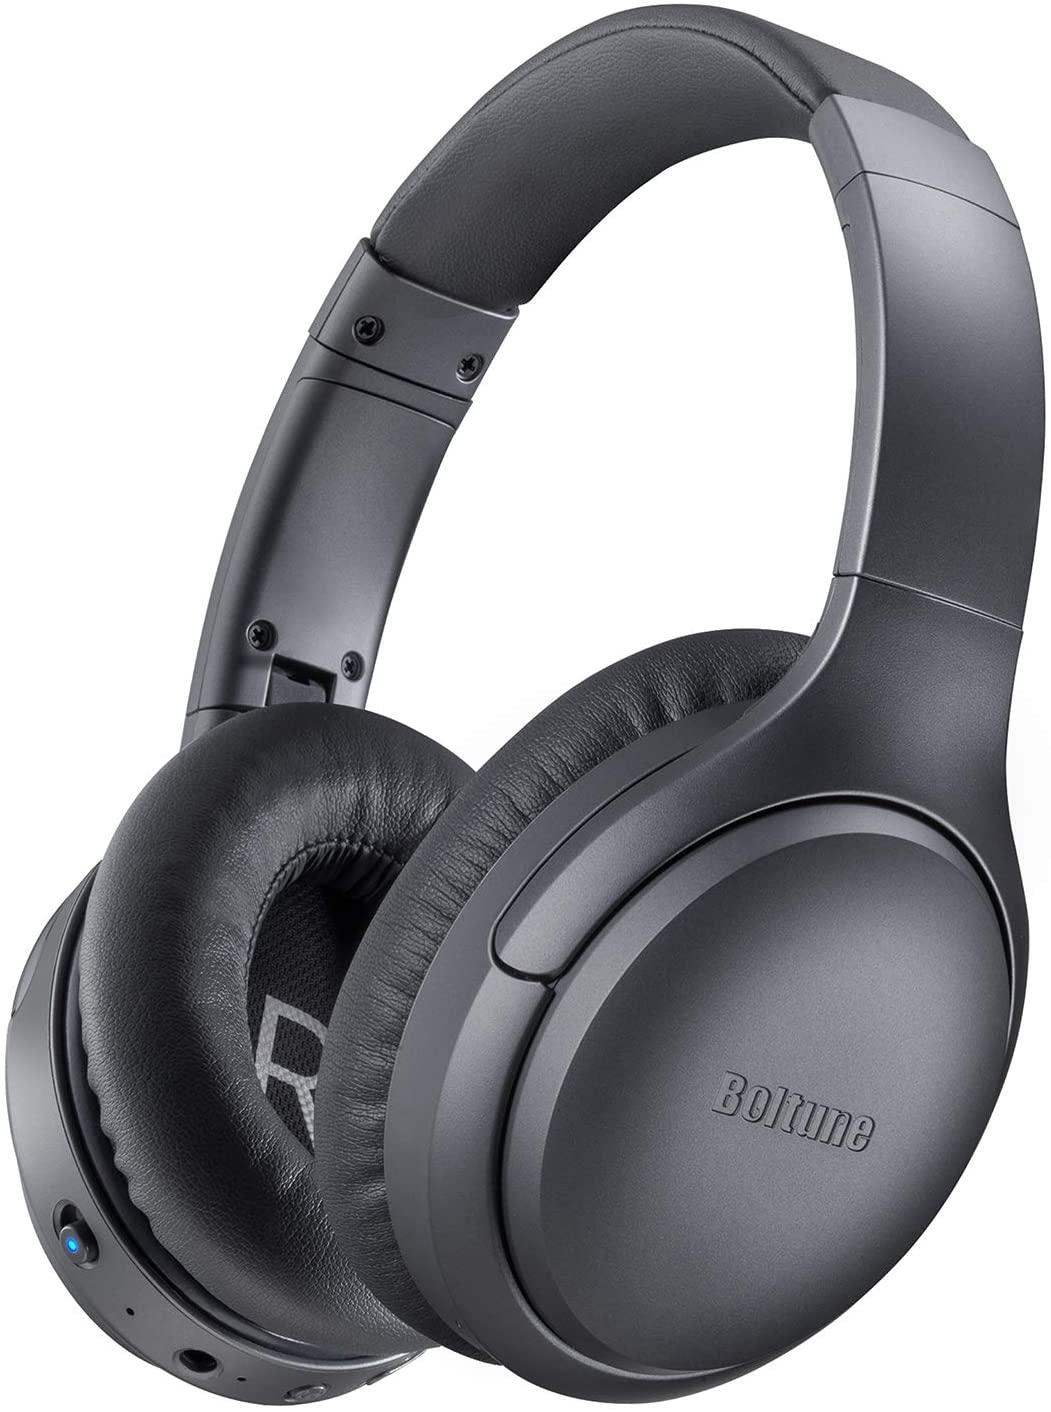 Bild zu Boltune Wireless Bluetooth 5.0 Over-Ear Earphones mit Active Noise Cancelling für 19,99€